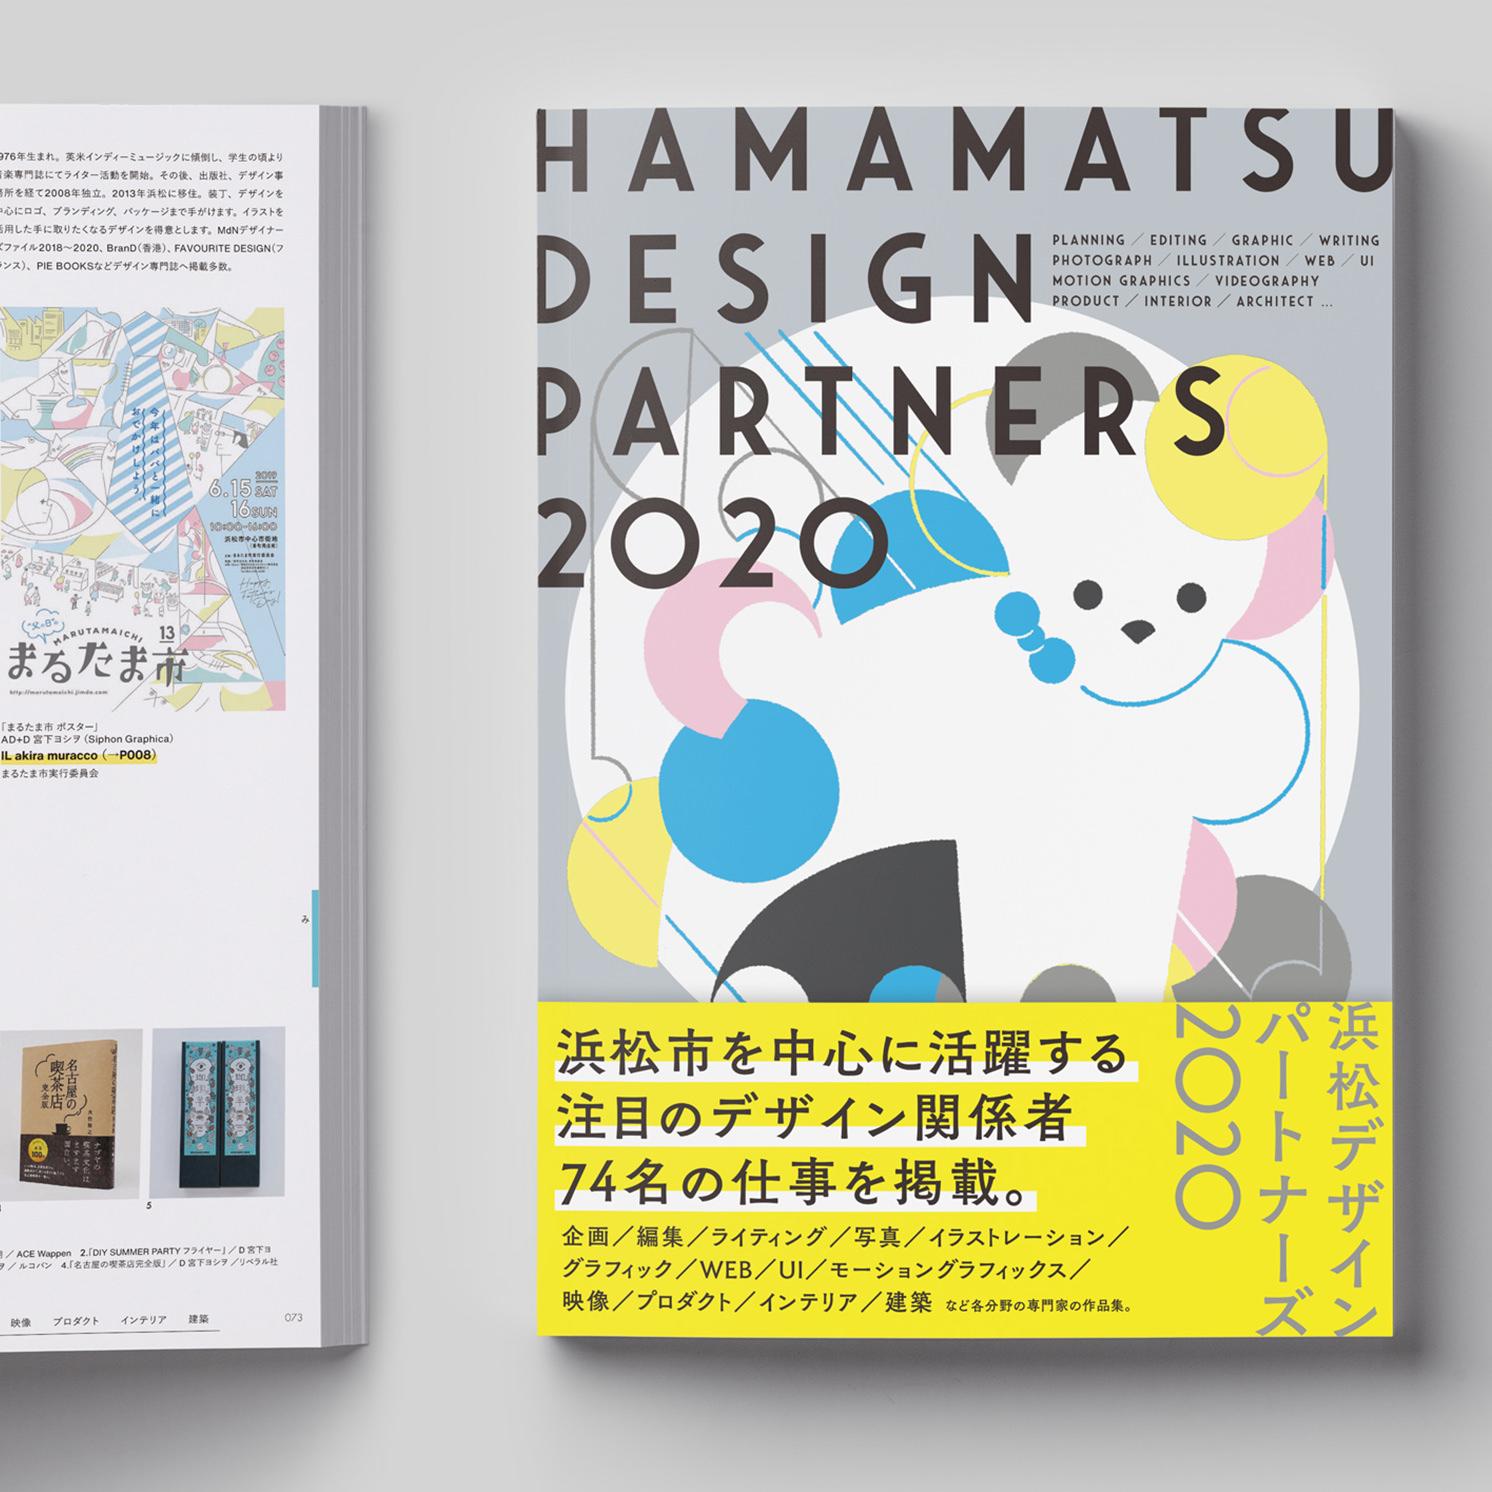 浜松市を中心に活躍する注目のデザイン関係者74名の仕事を掲載